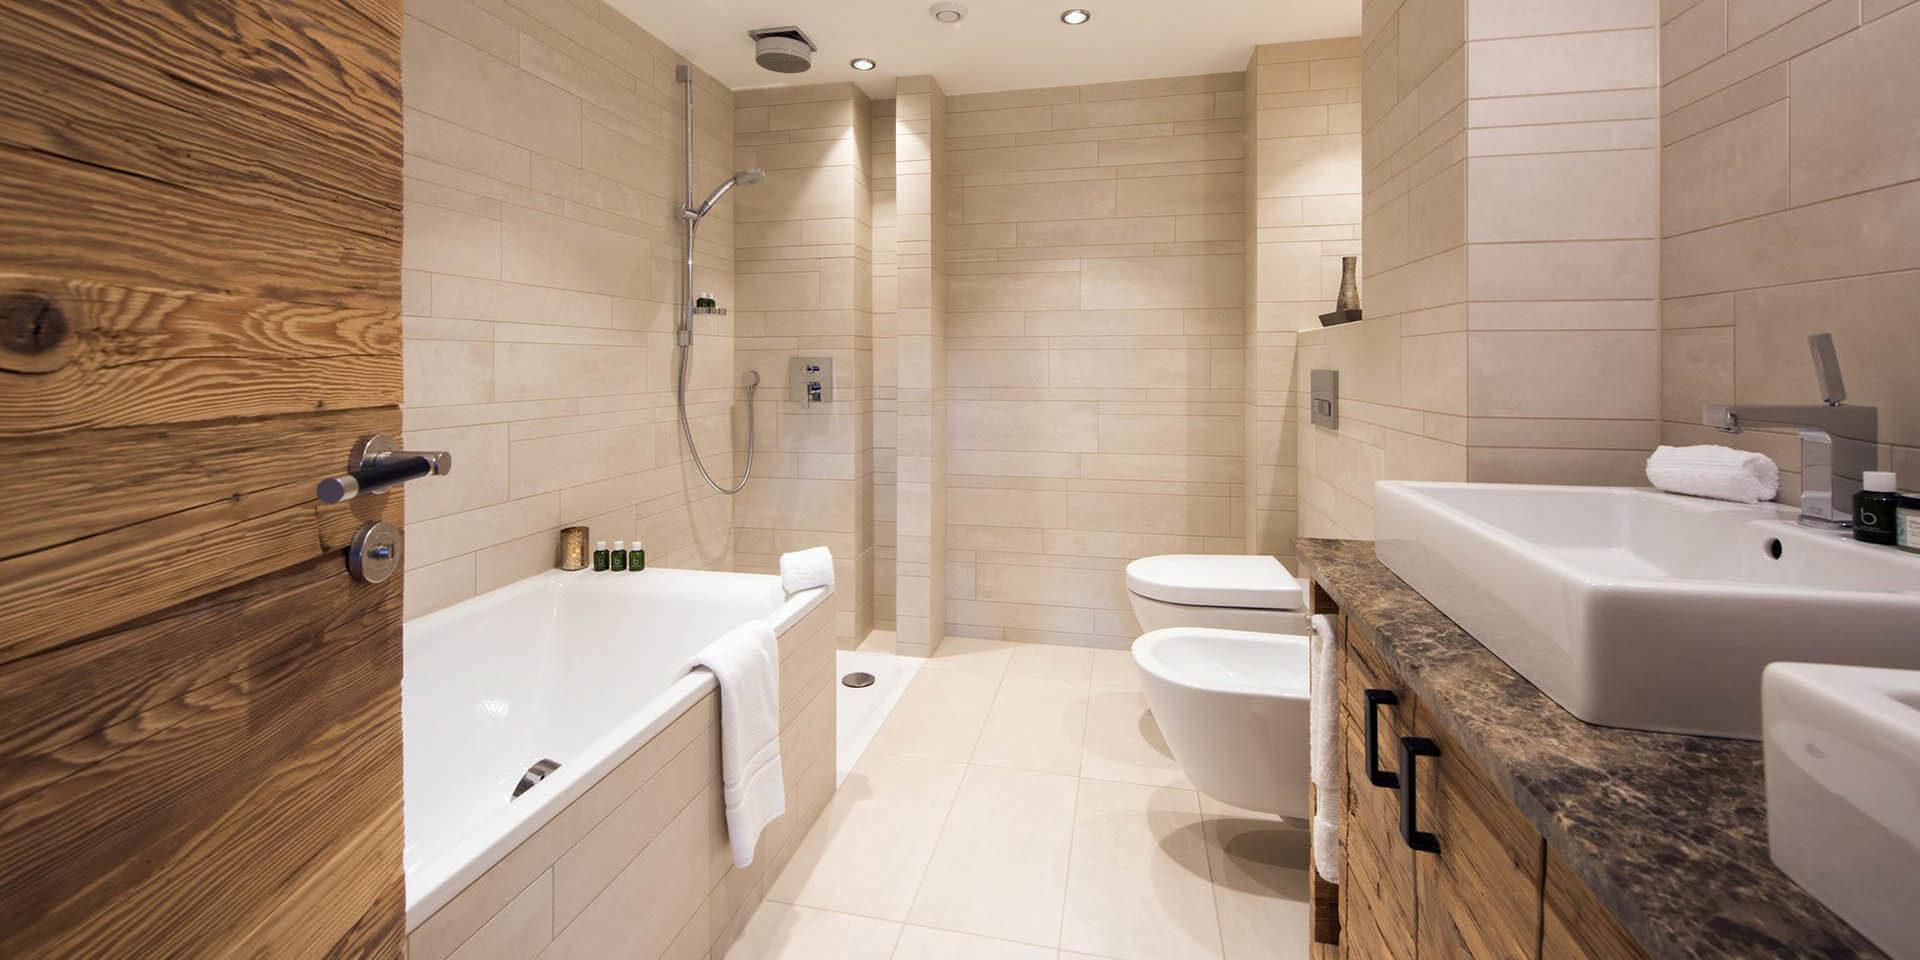 Appartement Rosalp 4 Verbier Les 4 Vallees Zwitserland wintersport skivakantie luxe badkamer bad douche dubbele wasbak witte tegels handdoeken